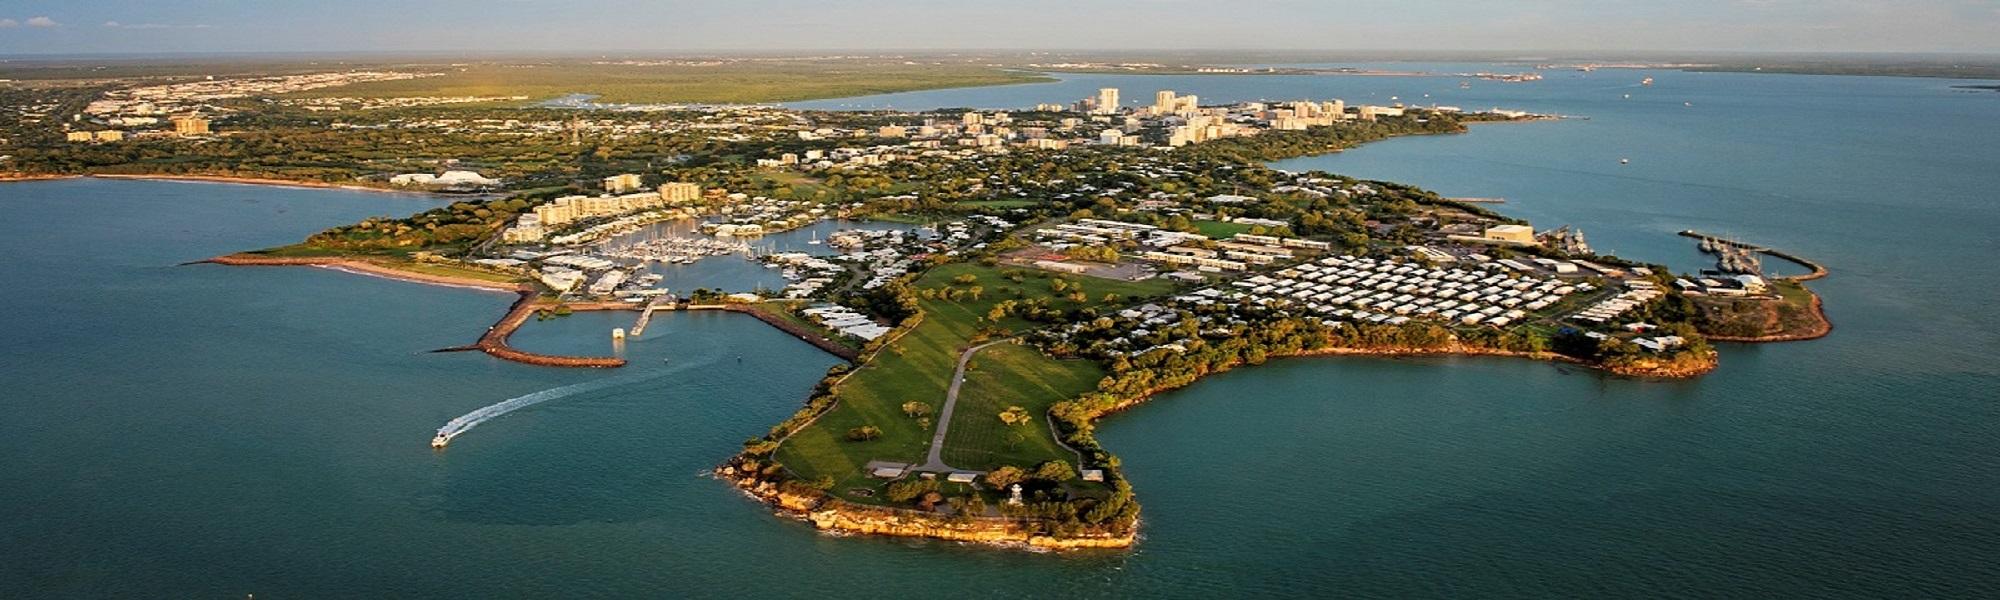 Aerial, Darwin City